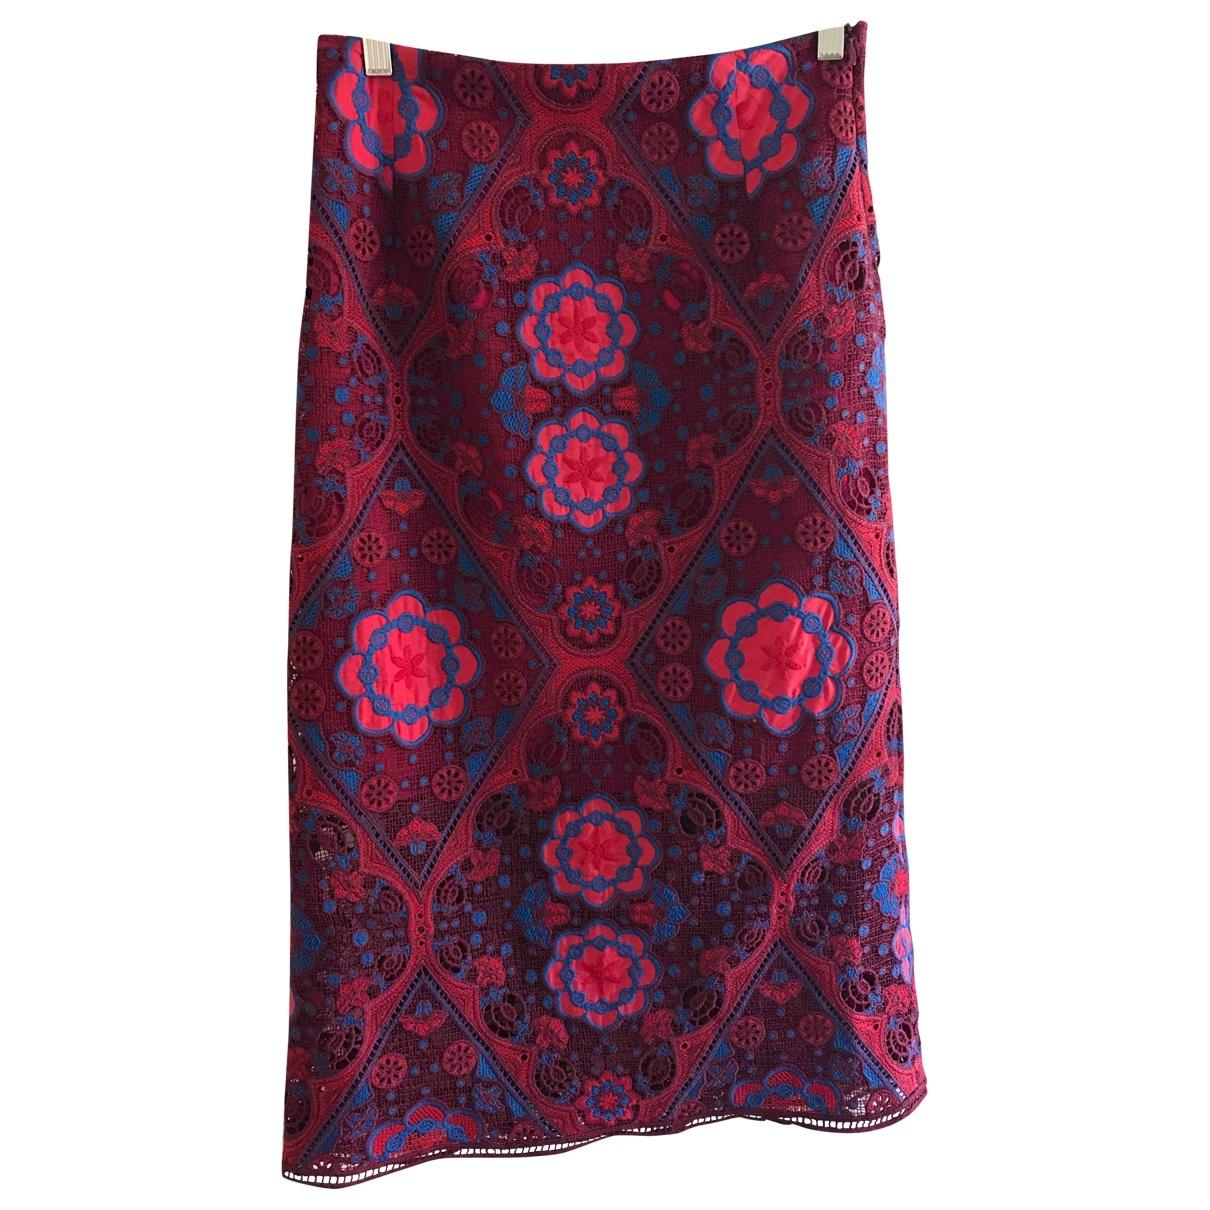 Sandro \N Red Cotton skirt for Women 2 0-5